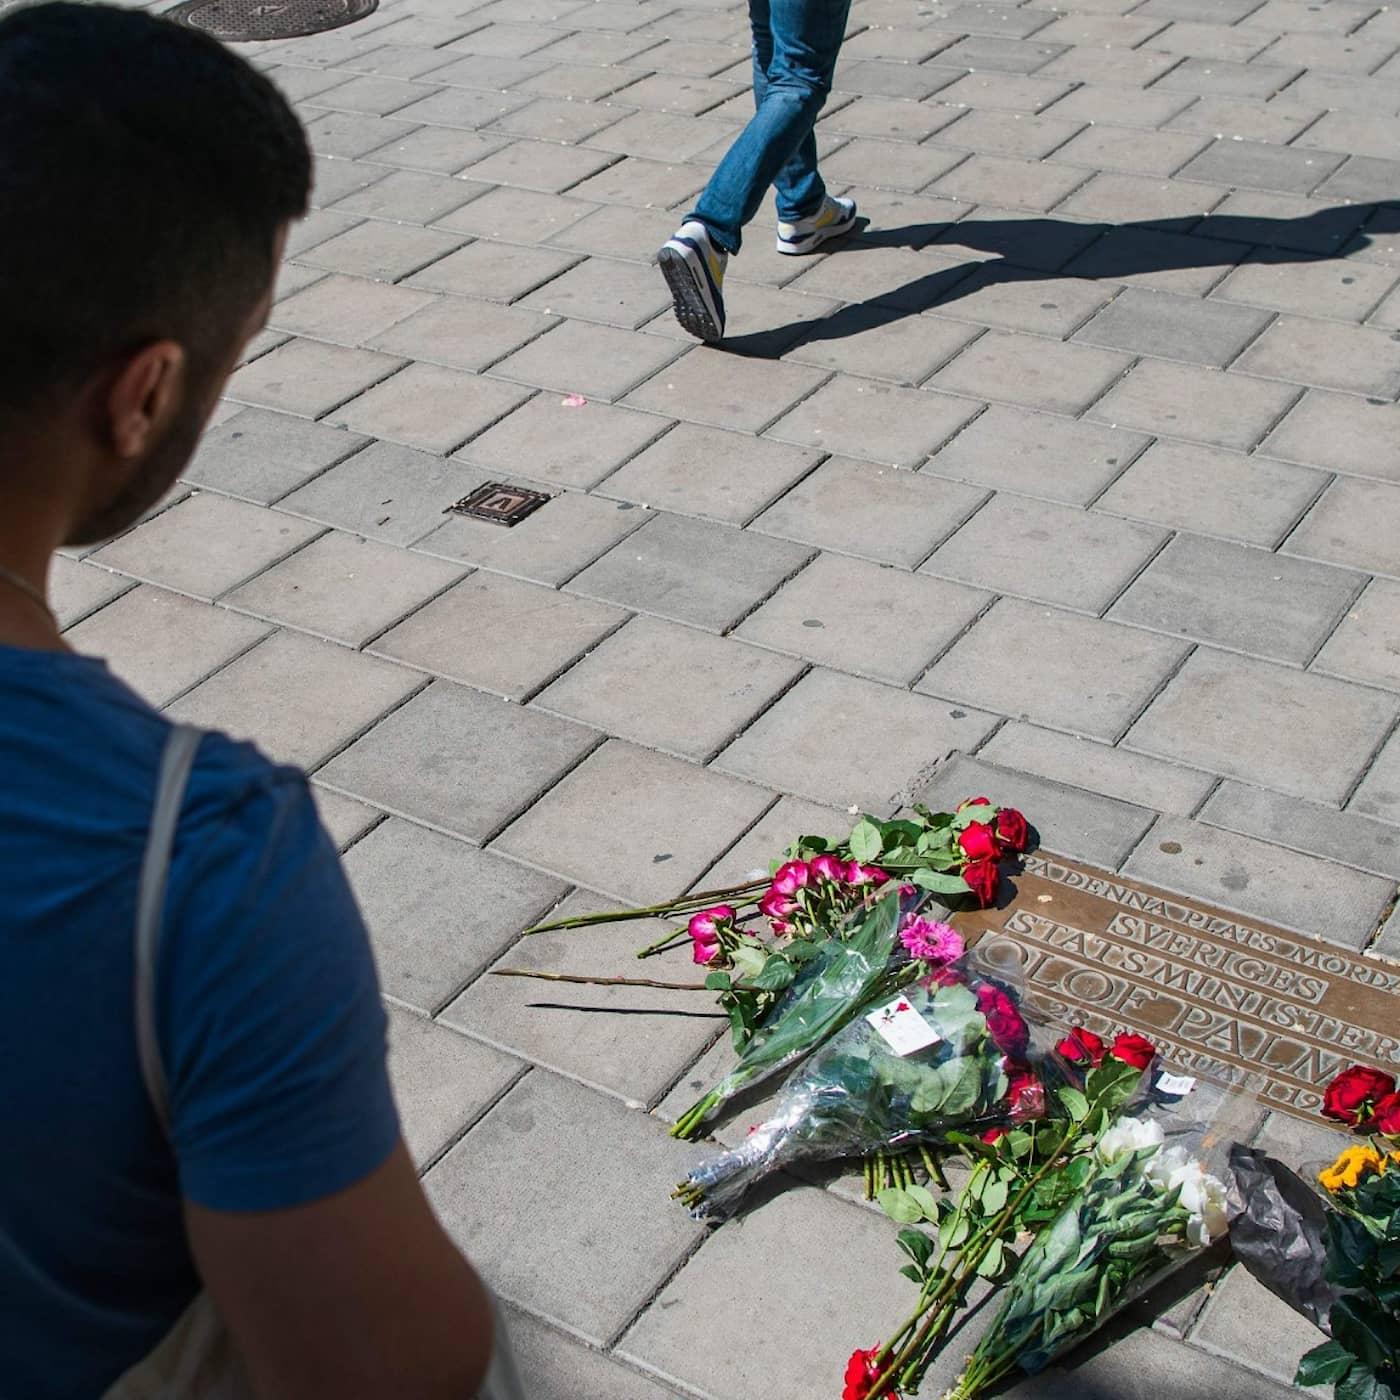 Expressen inifrån när Palme-beskedet kom, Palme-journalistik post Palme-utredningen och Göteborgsjournalister på tvärs mot 08-redaktioner